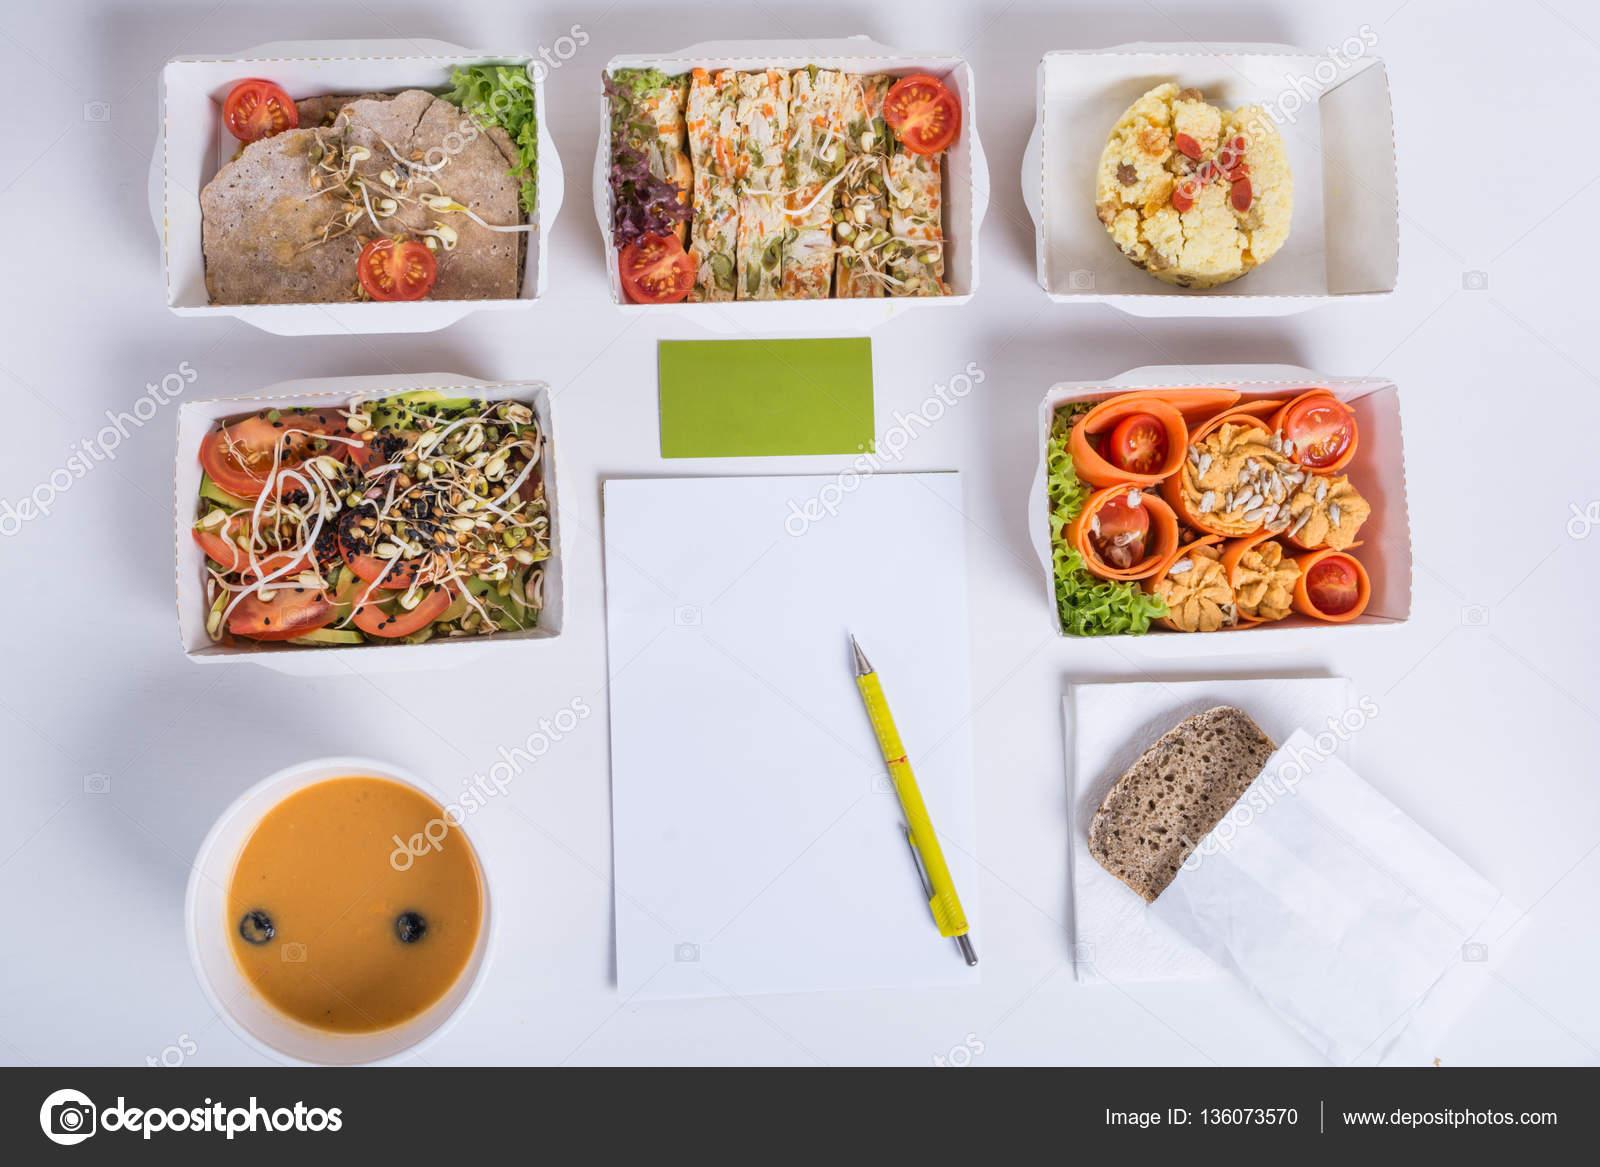 Frais Livraison Quotidienne De Repas Nourriture Restaurant Pour Un Legume Viande Et Fruits En Boites Papier Carte Visite Carnet Crayon Sur